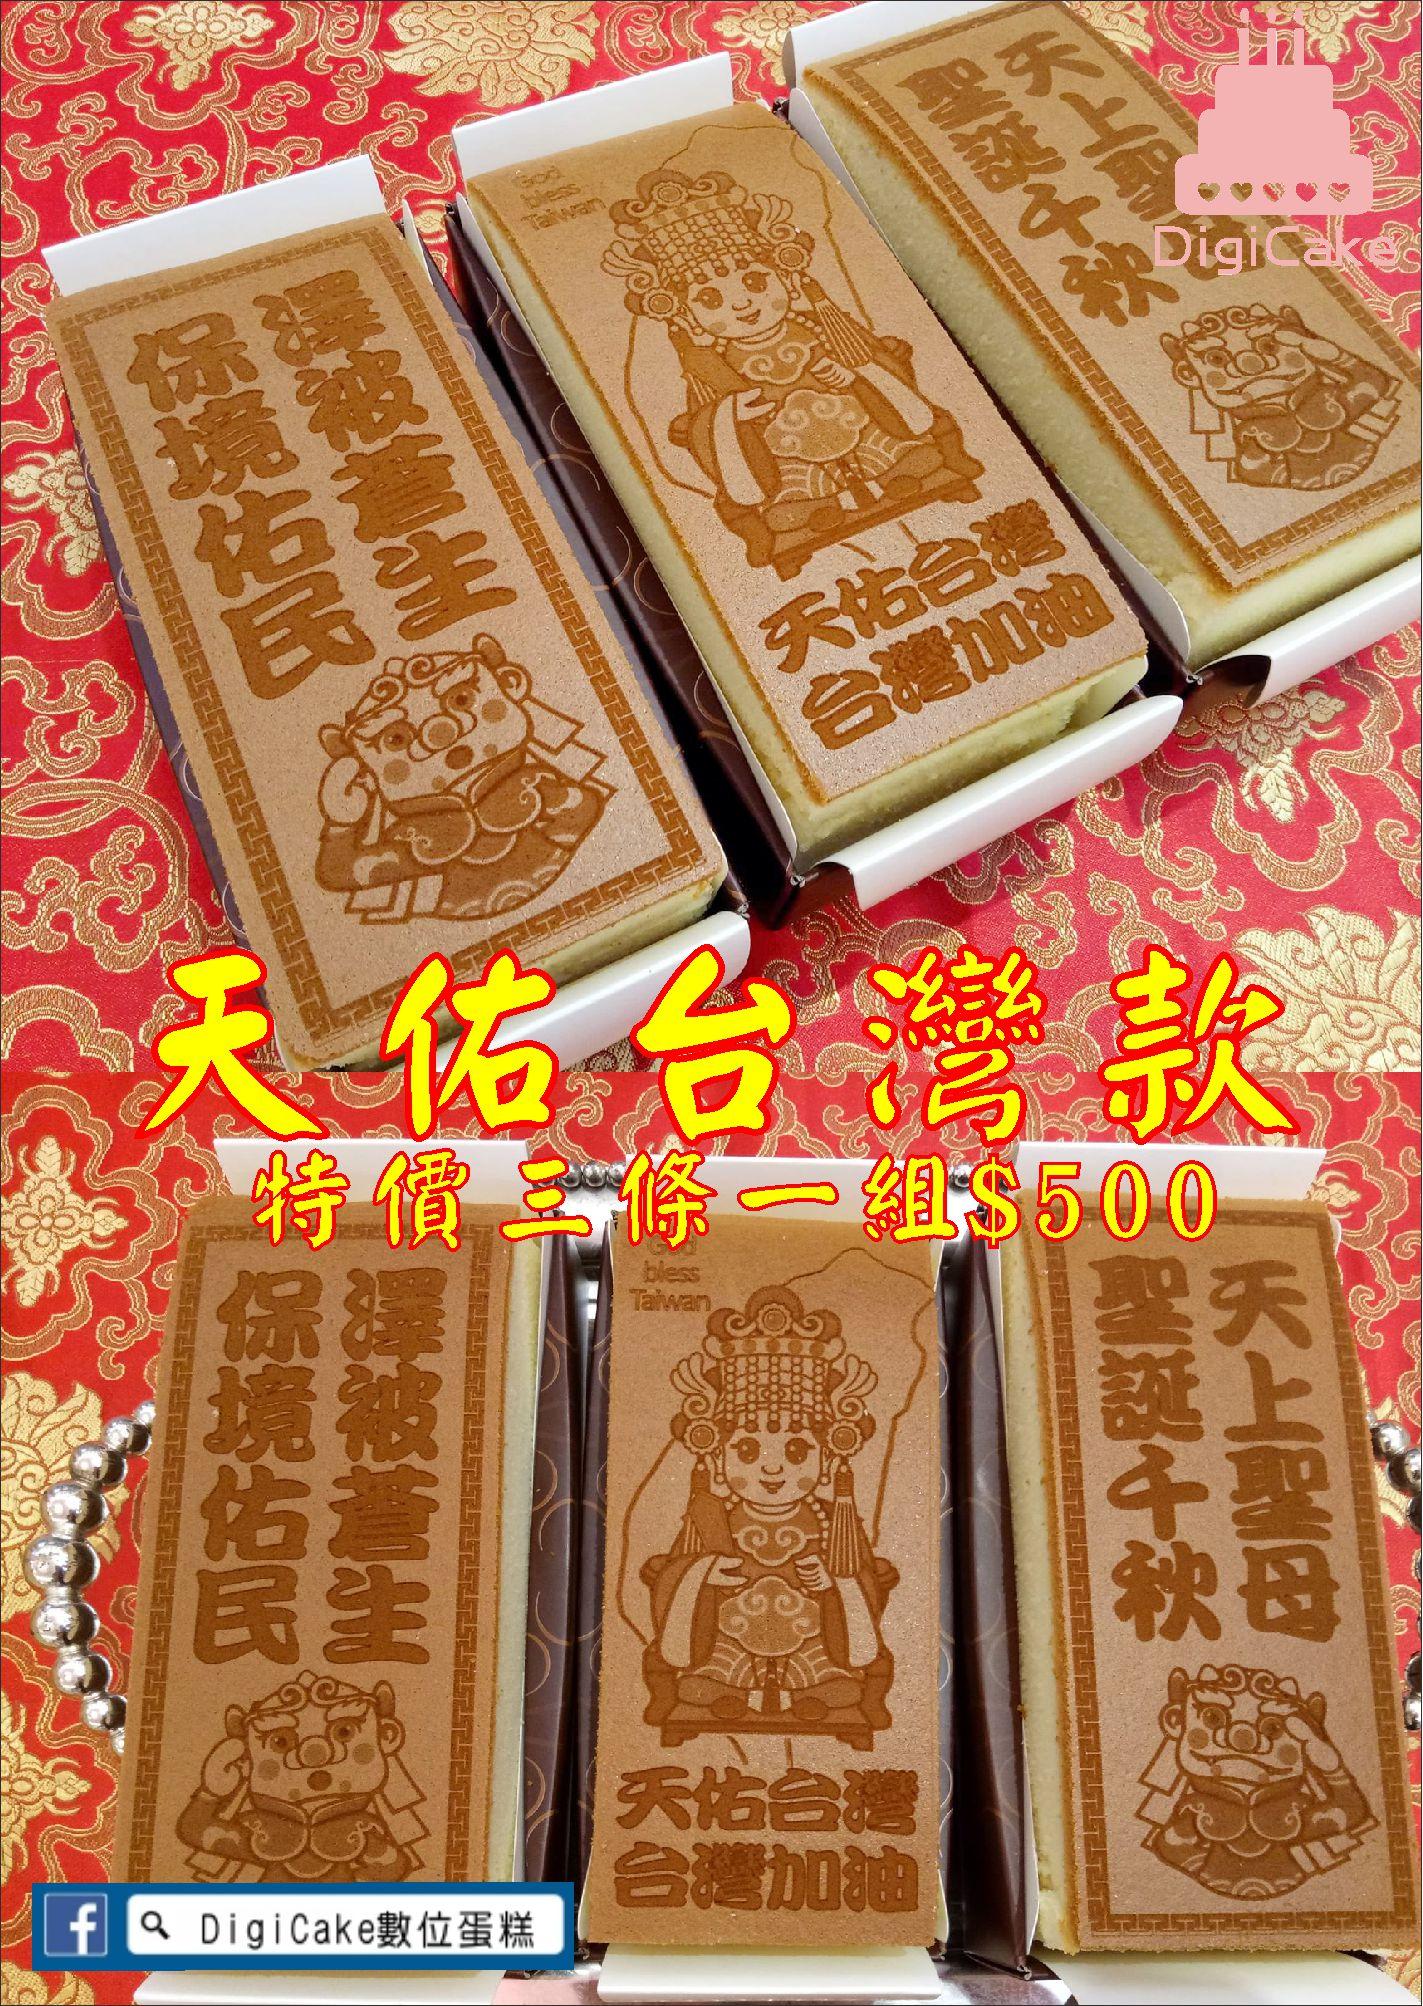 點此進入【天佑台灣版】天上聖母神雕蜂蜜蛋糕三條一組的詳細資料!